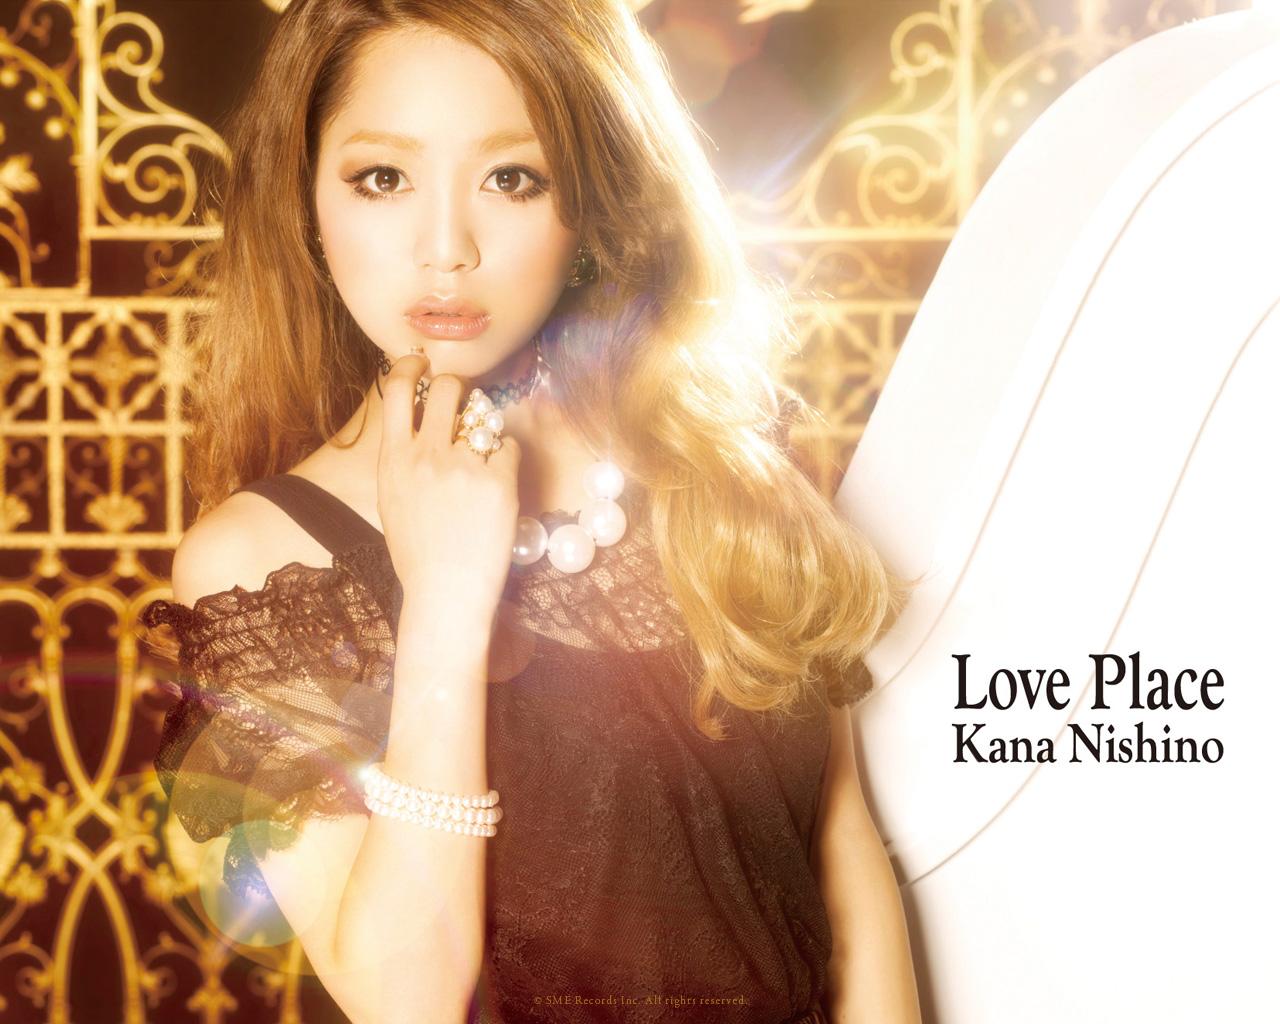 西野 カナ Love Place ジャケット壁紙プレゼント